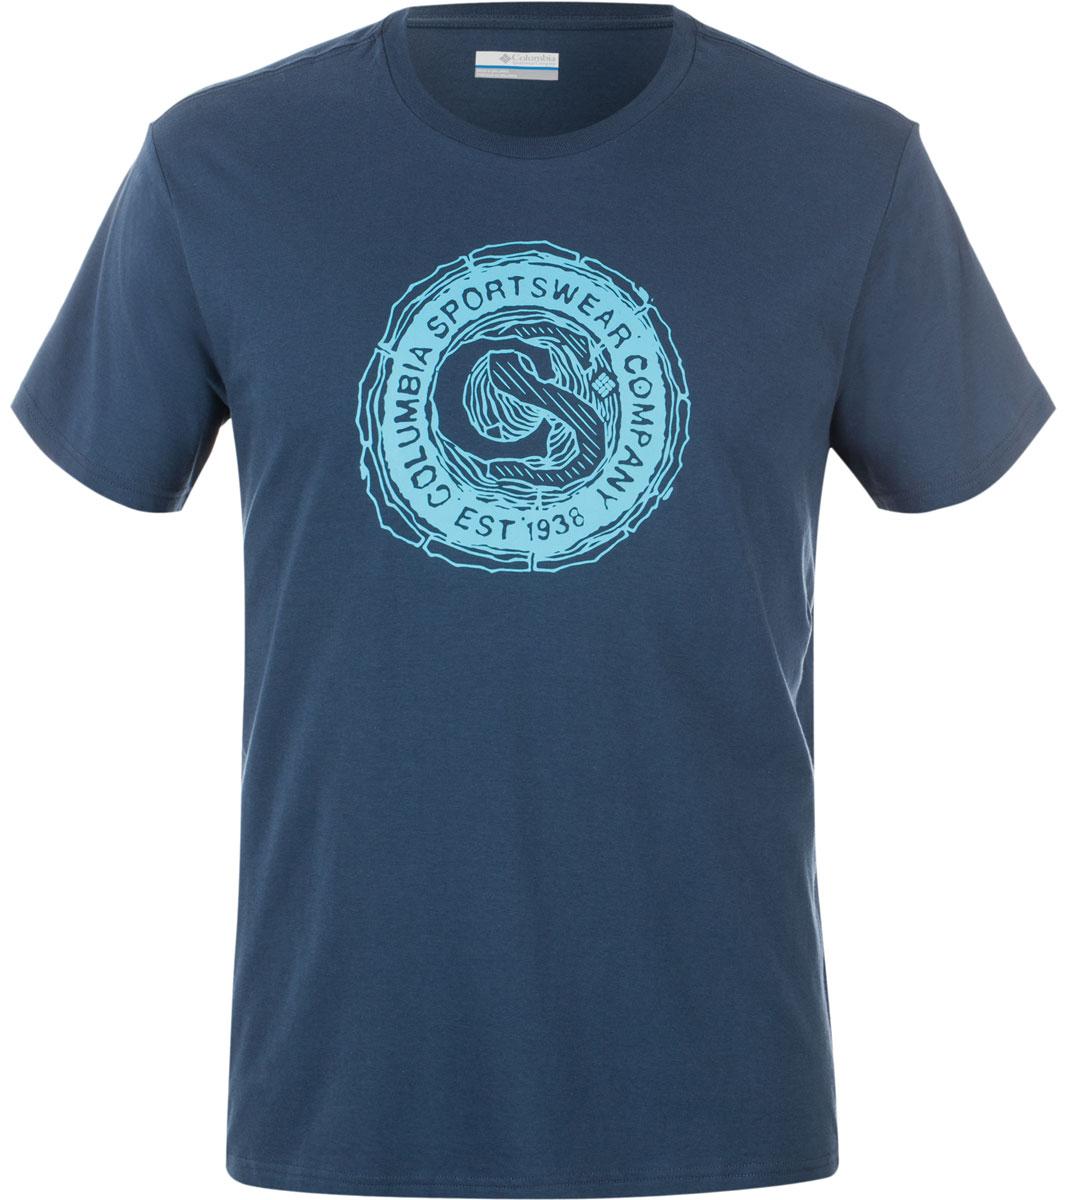 Футболка мужская Columbia Carved Ridge SS T-shirt, цвет: темно-синий. 1713461-492. Размер S (44/46)1713461-492Футболка Columbia - оптимальный вариант для активного отдыха и повседневного использования. Модель выполнена из хлопка, что обеспечивает максимально комфортные ощущения во время использования. Крупный принт на груди придает изделию оригинальность.